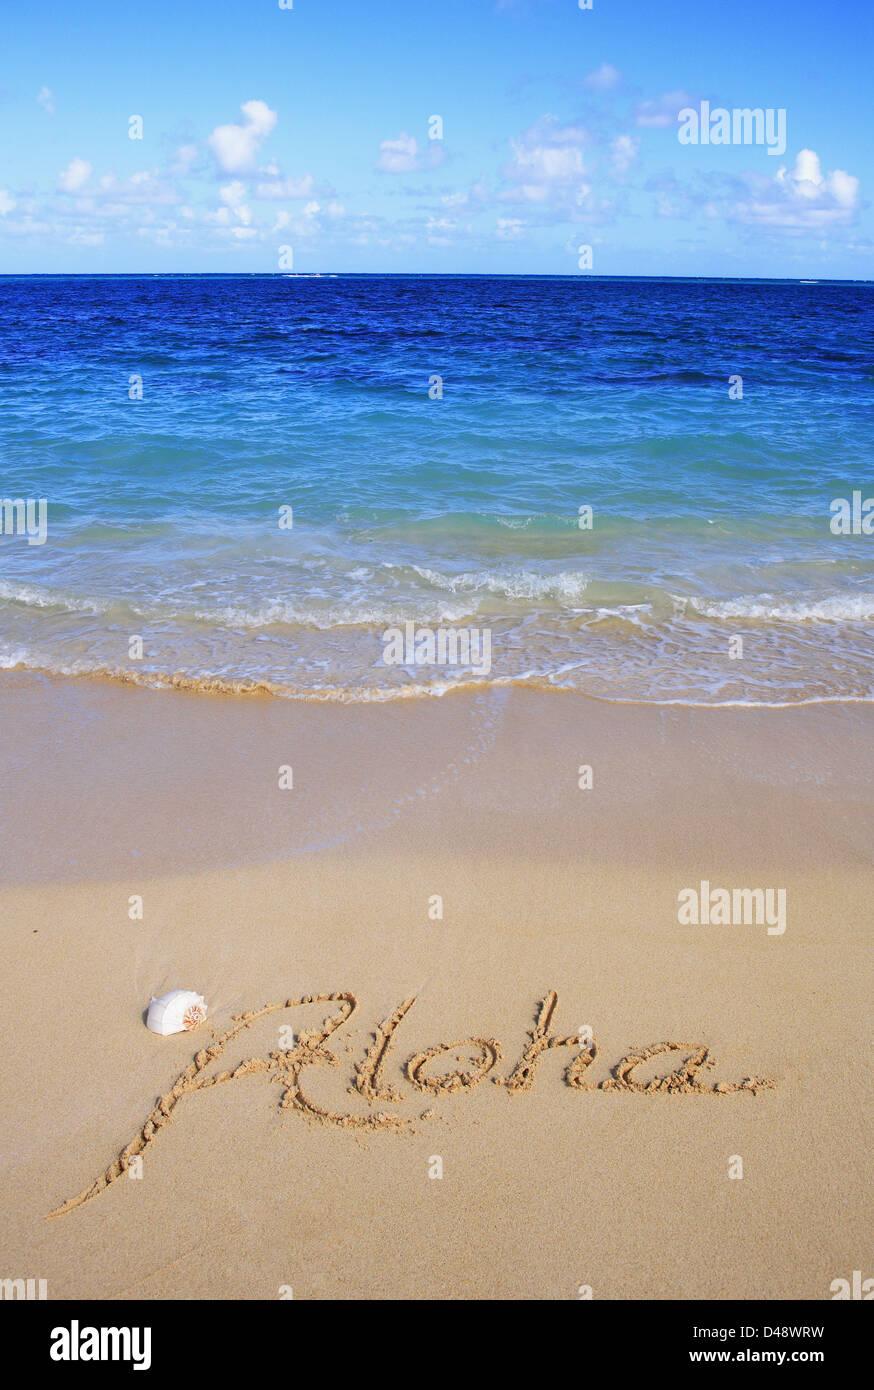 Aloha Hawaii Shell